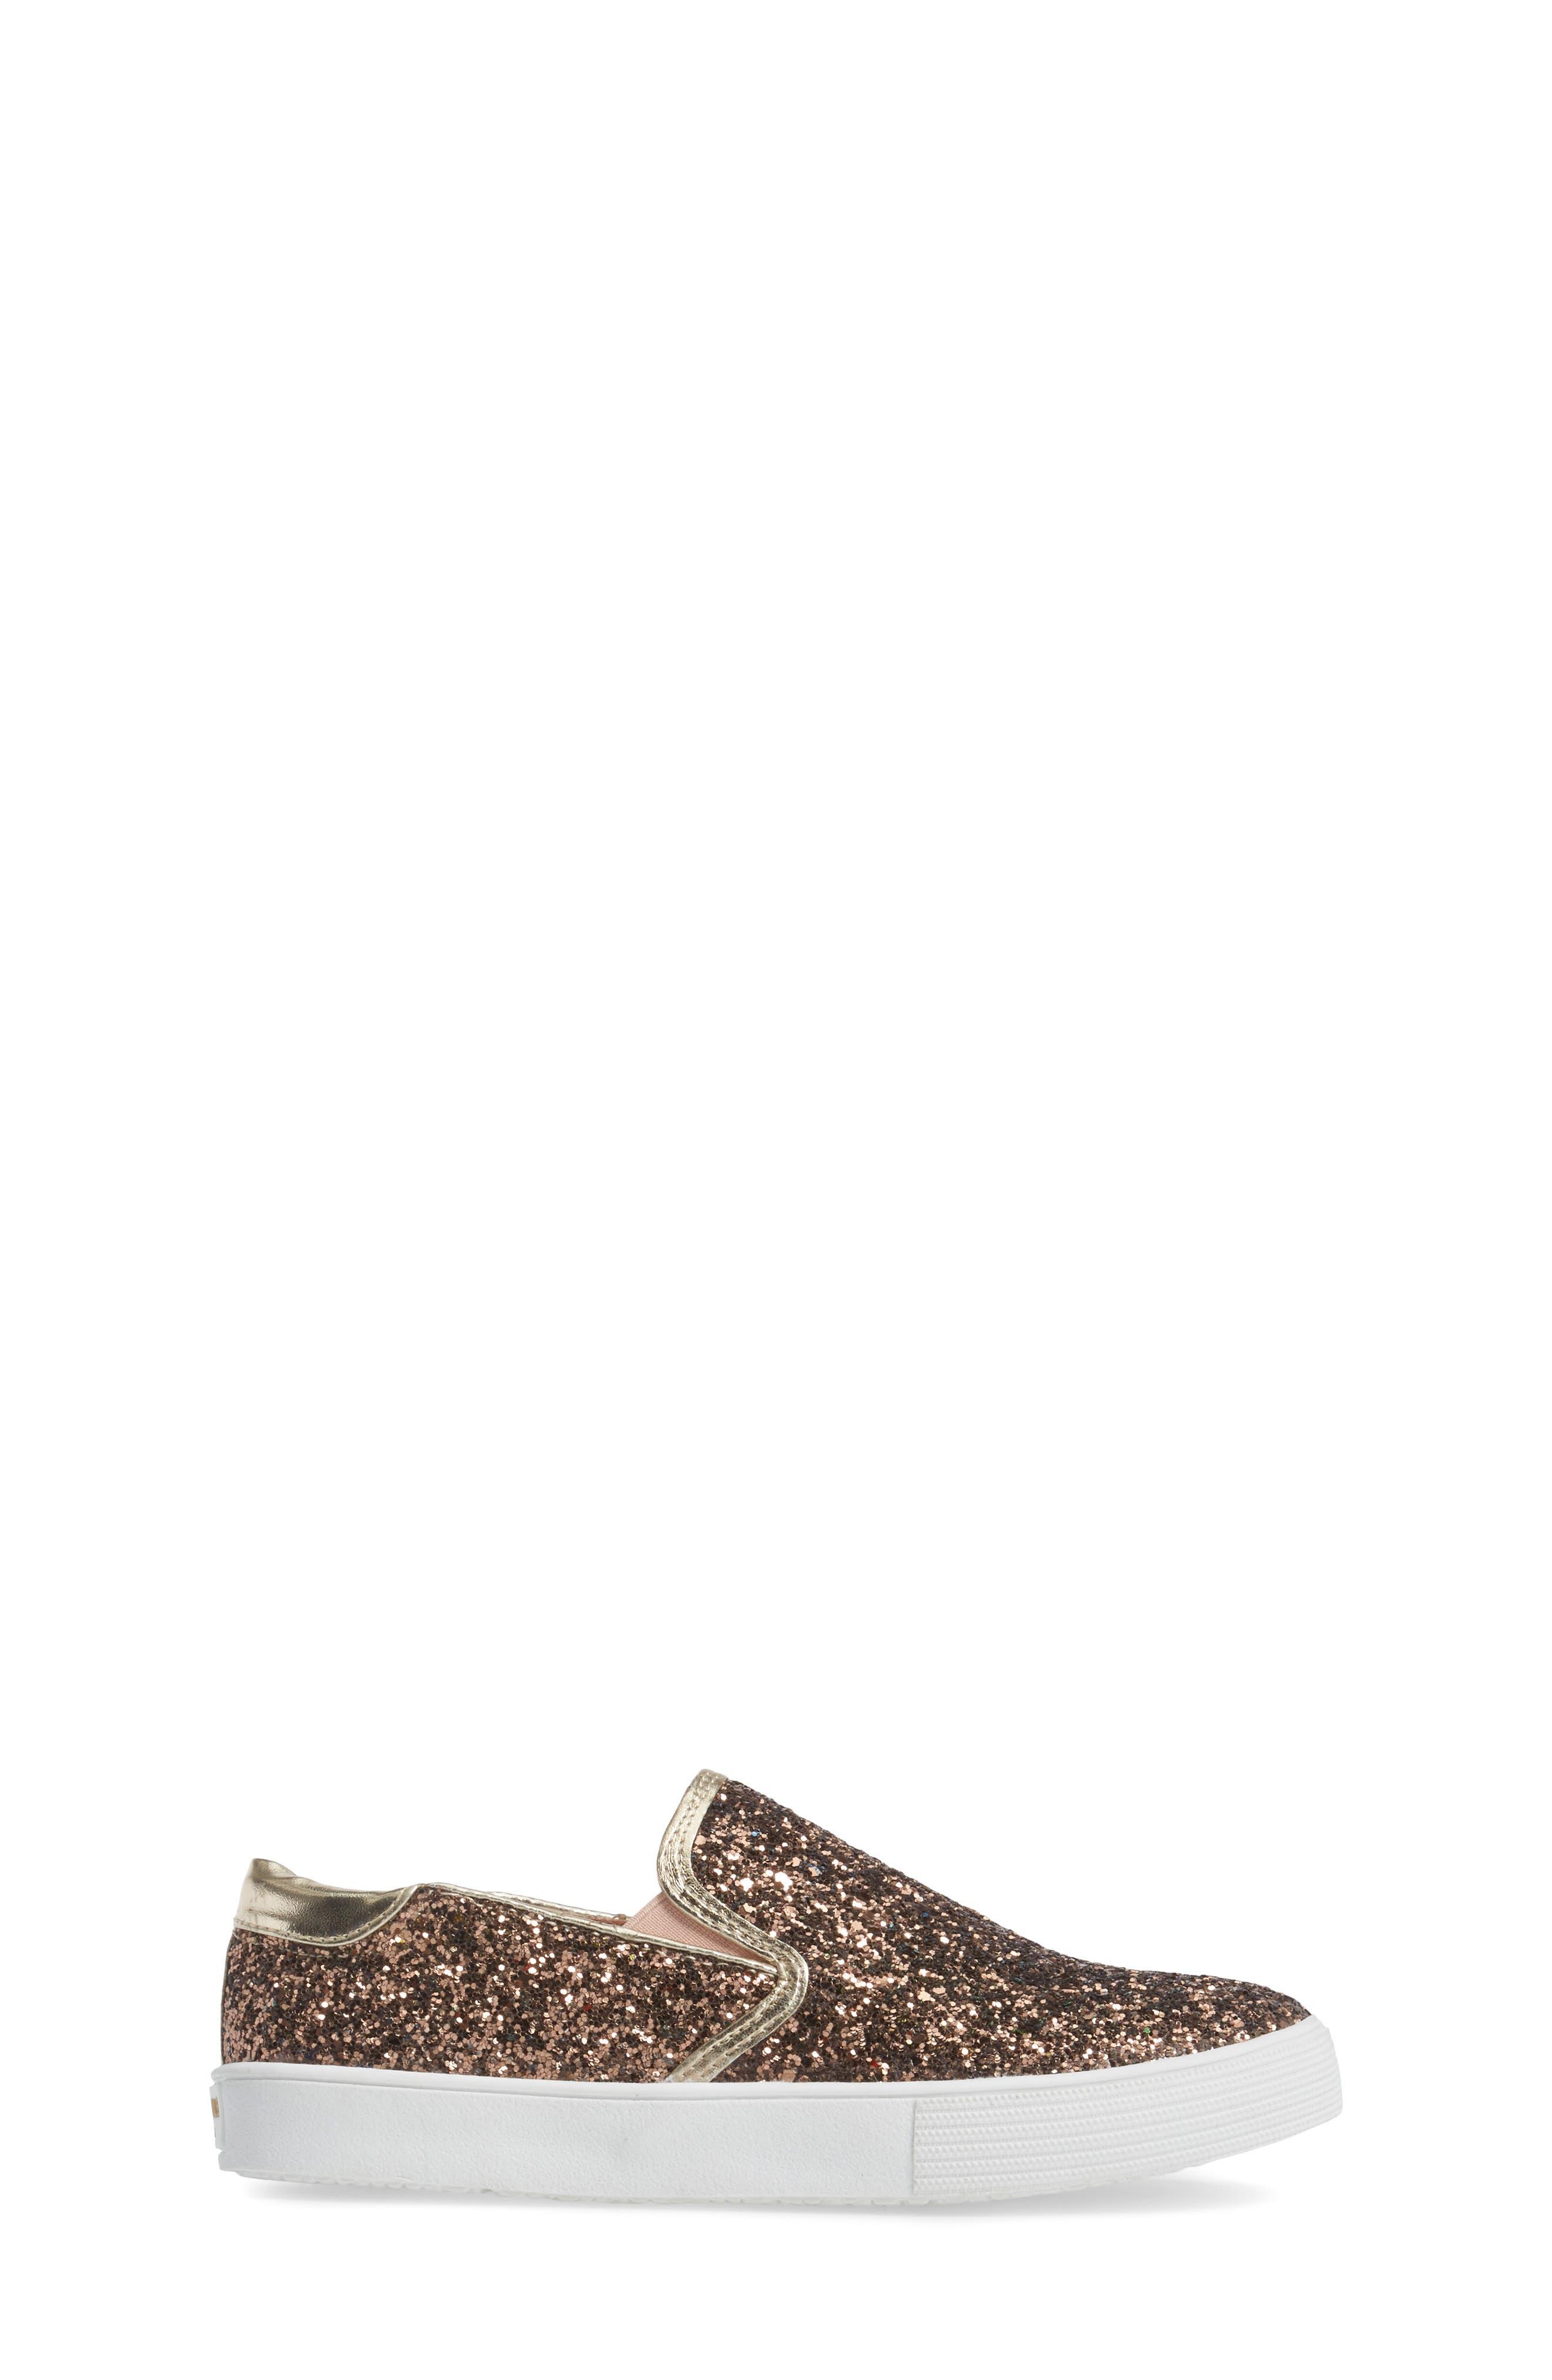 Alternate Image 3  - Kenneth Cole New York Cami Slip-On Glitter Sneaker (Toddler, Little Kid & Big Kid)